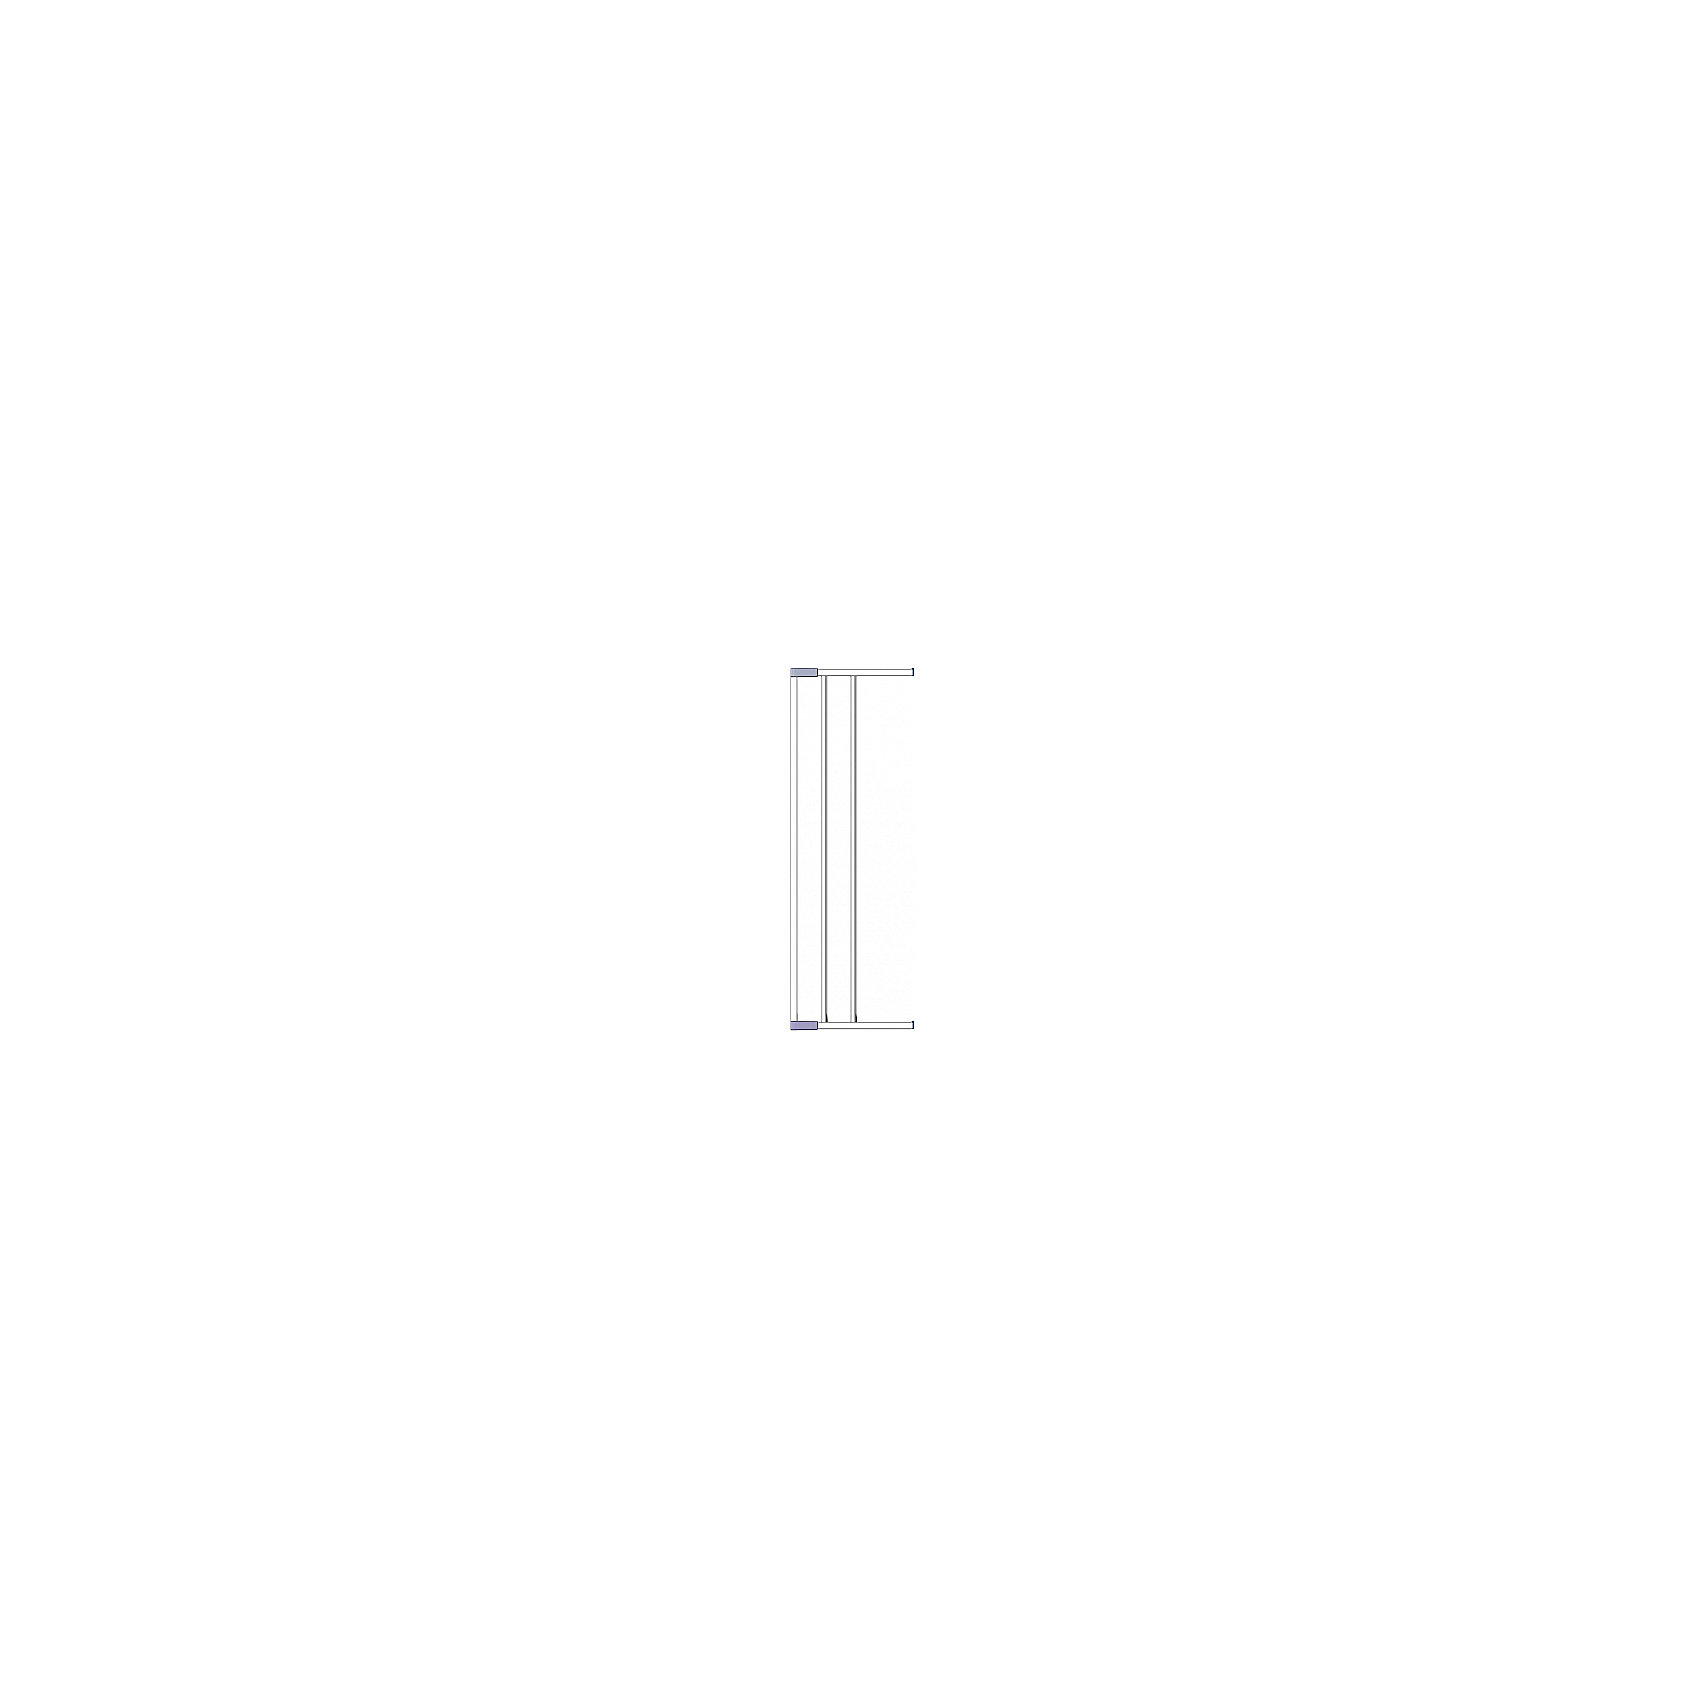 Дополнительная секция к воротам безопасности 18 см, Clippasafe, серебристый